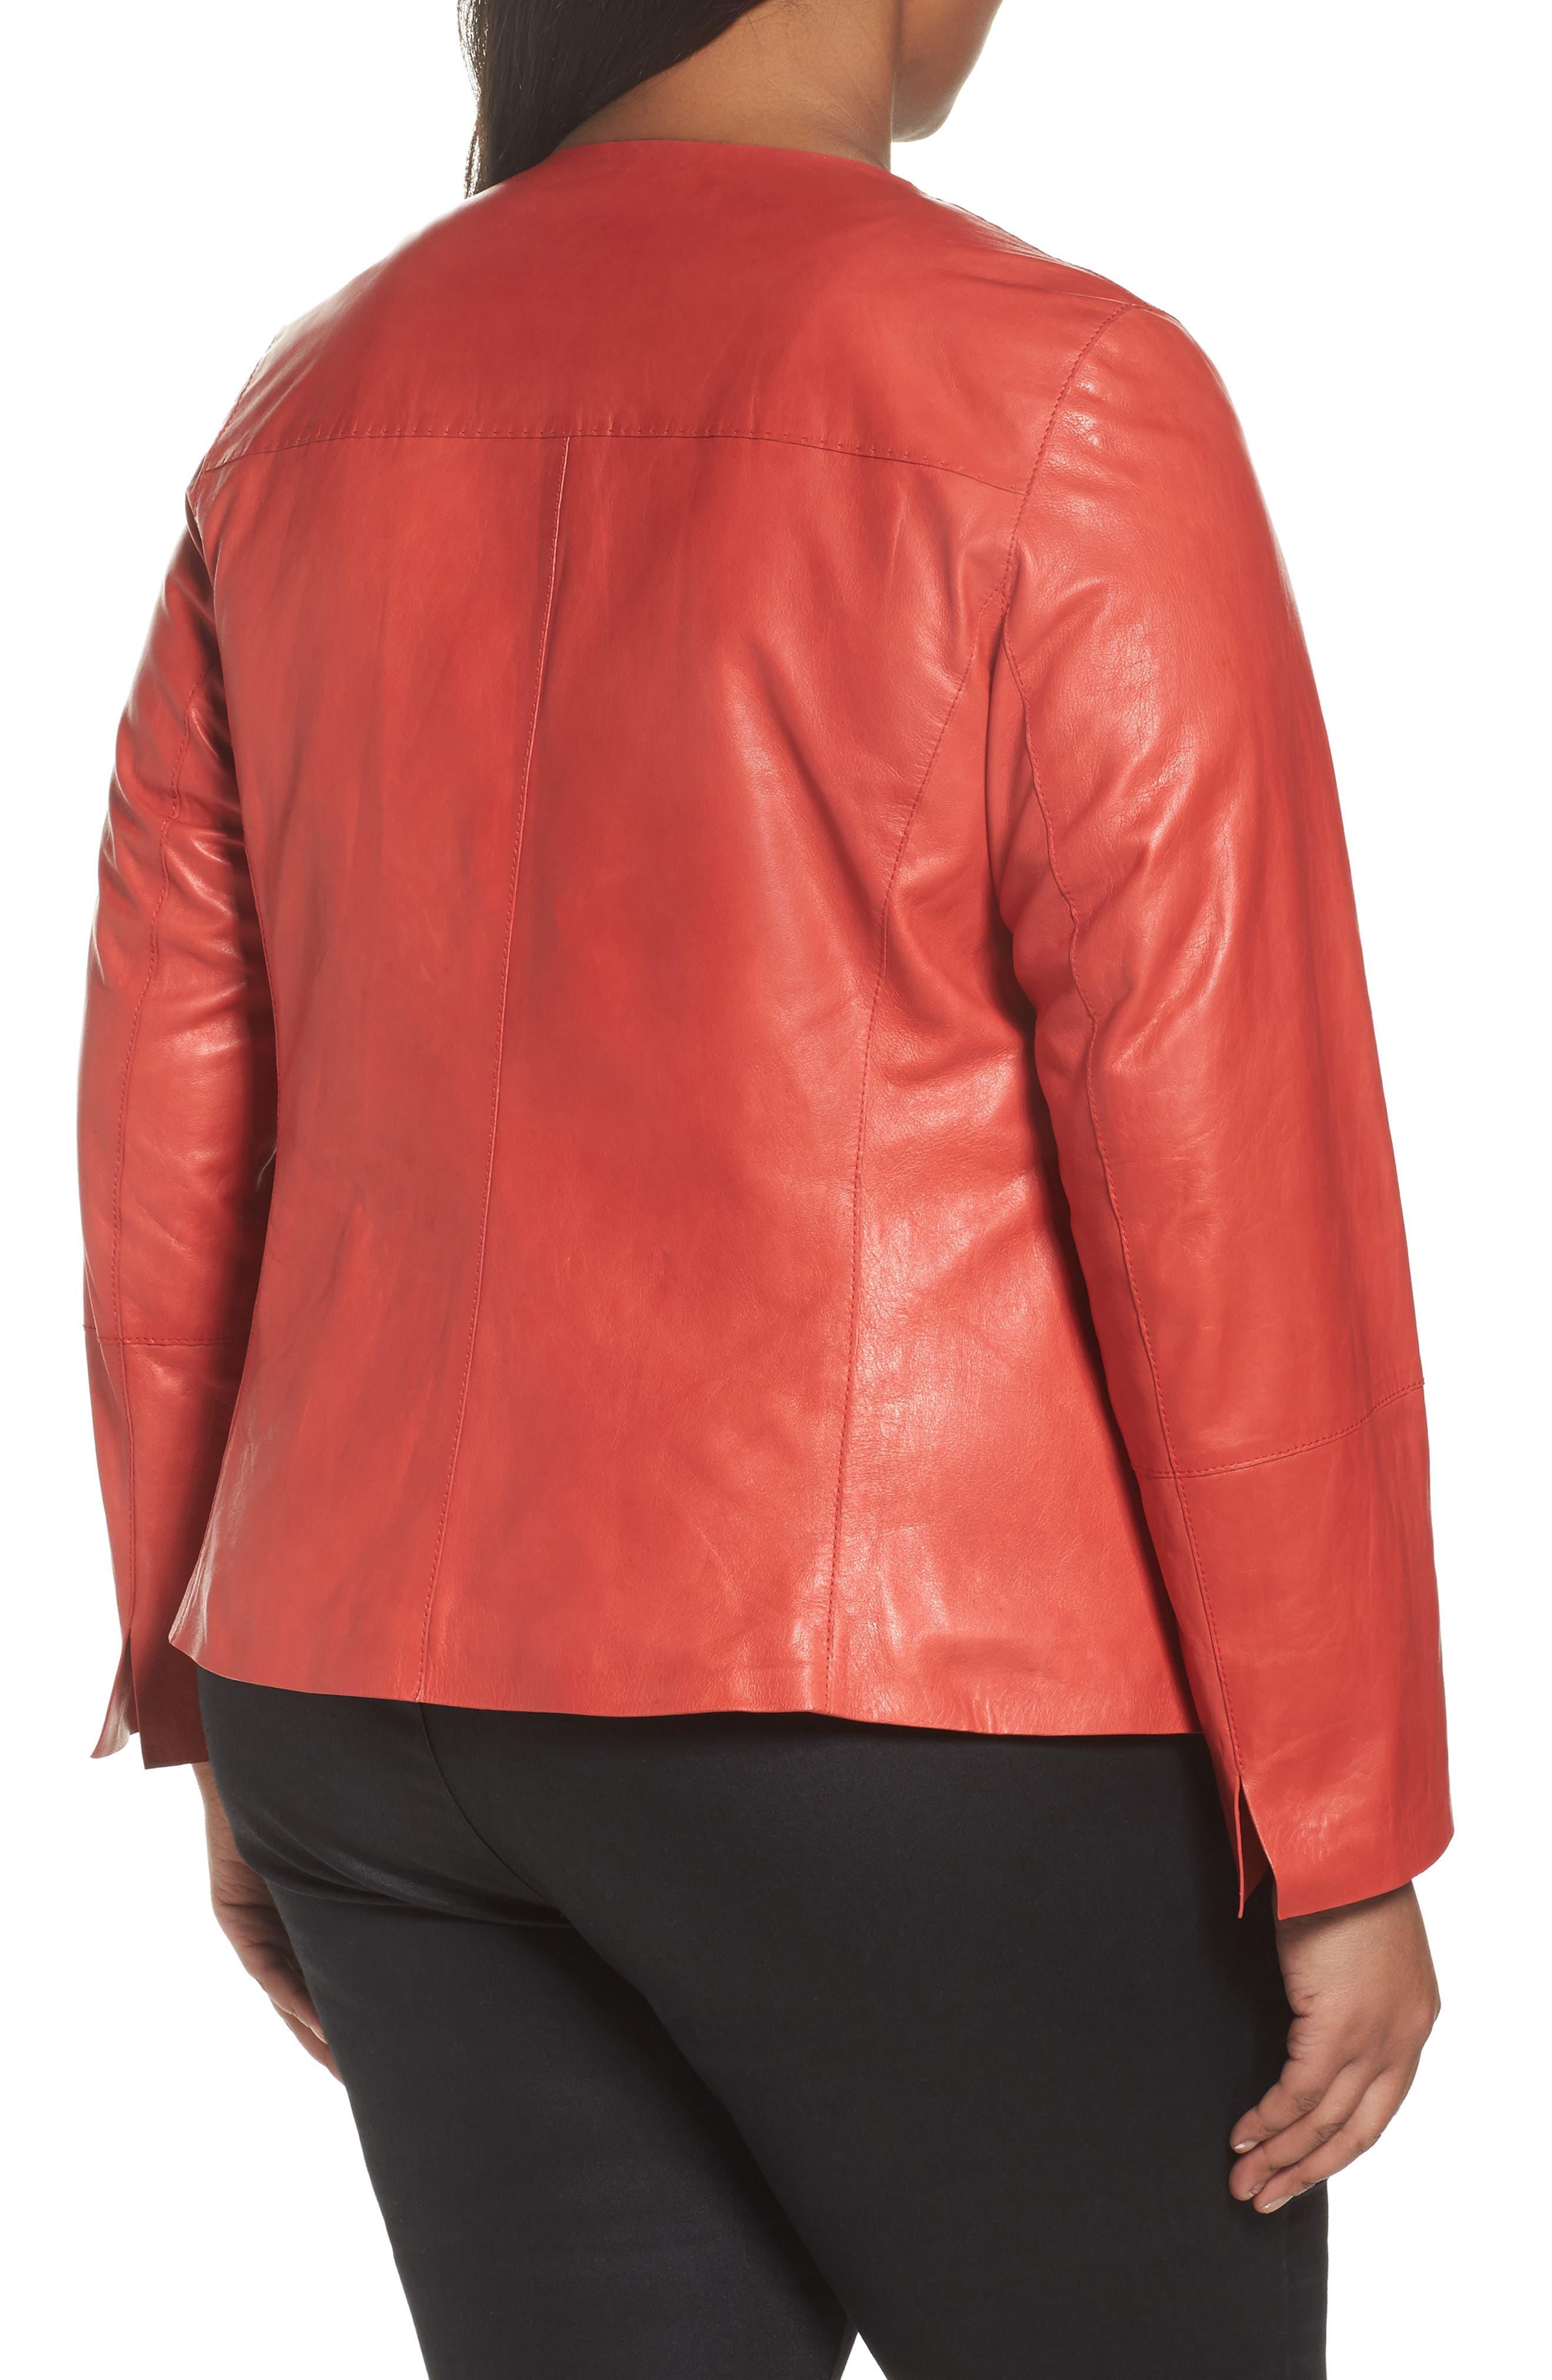 Alternate Image 2  - Lafayette 148 New York Caridee Glazed Lambskin Leather Jacket (Plus Size)